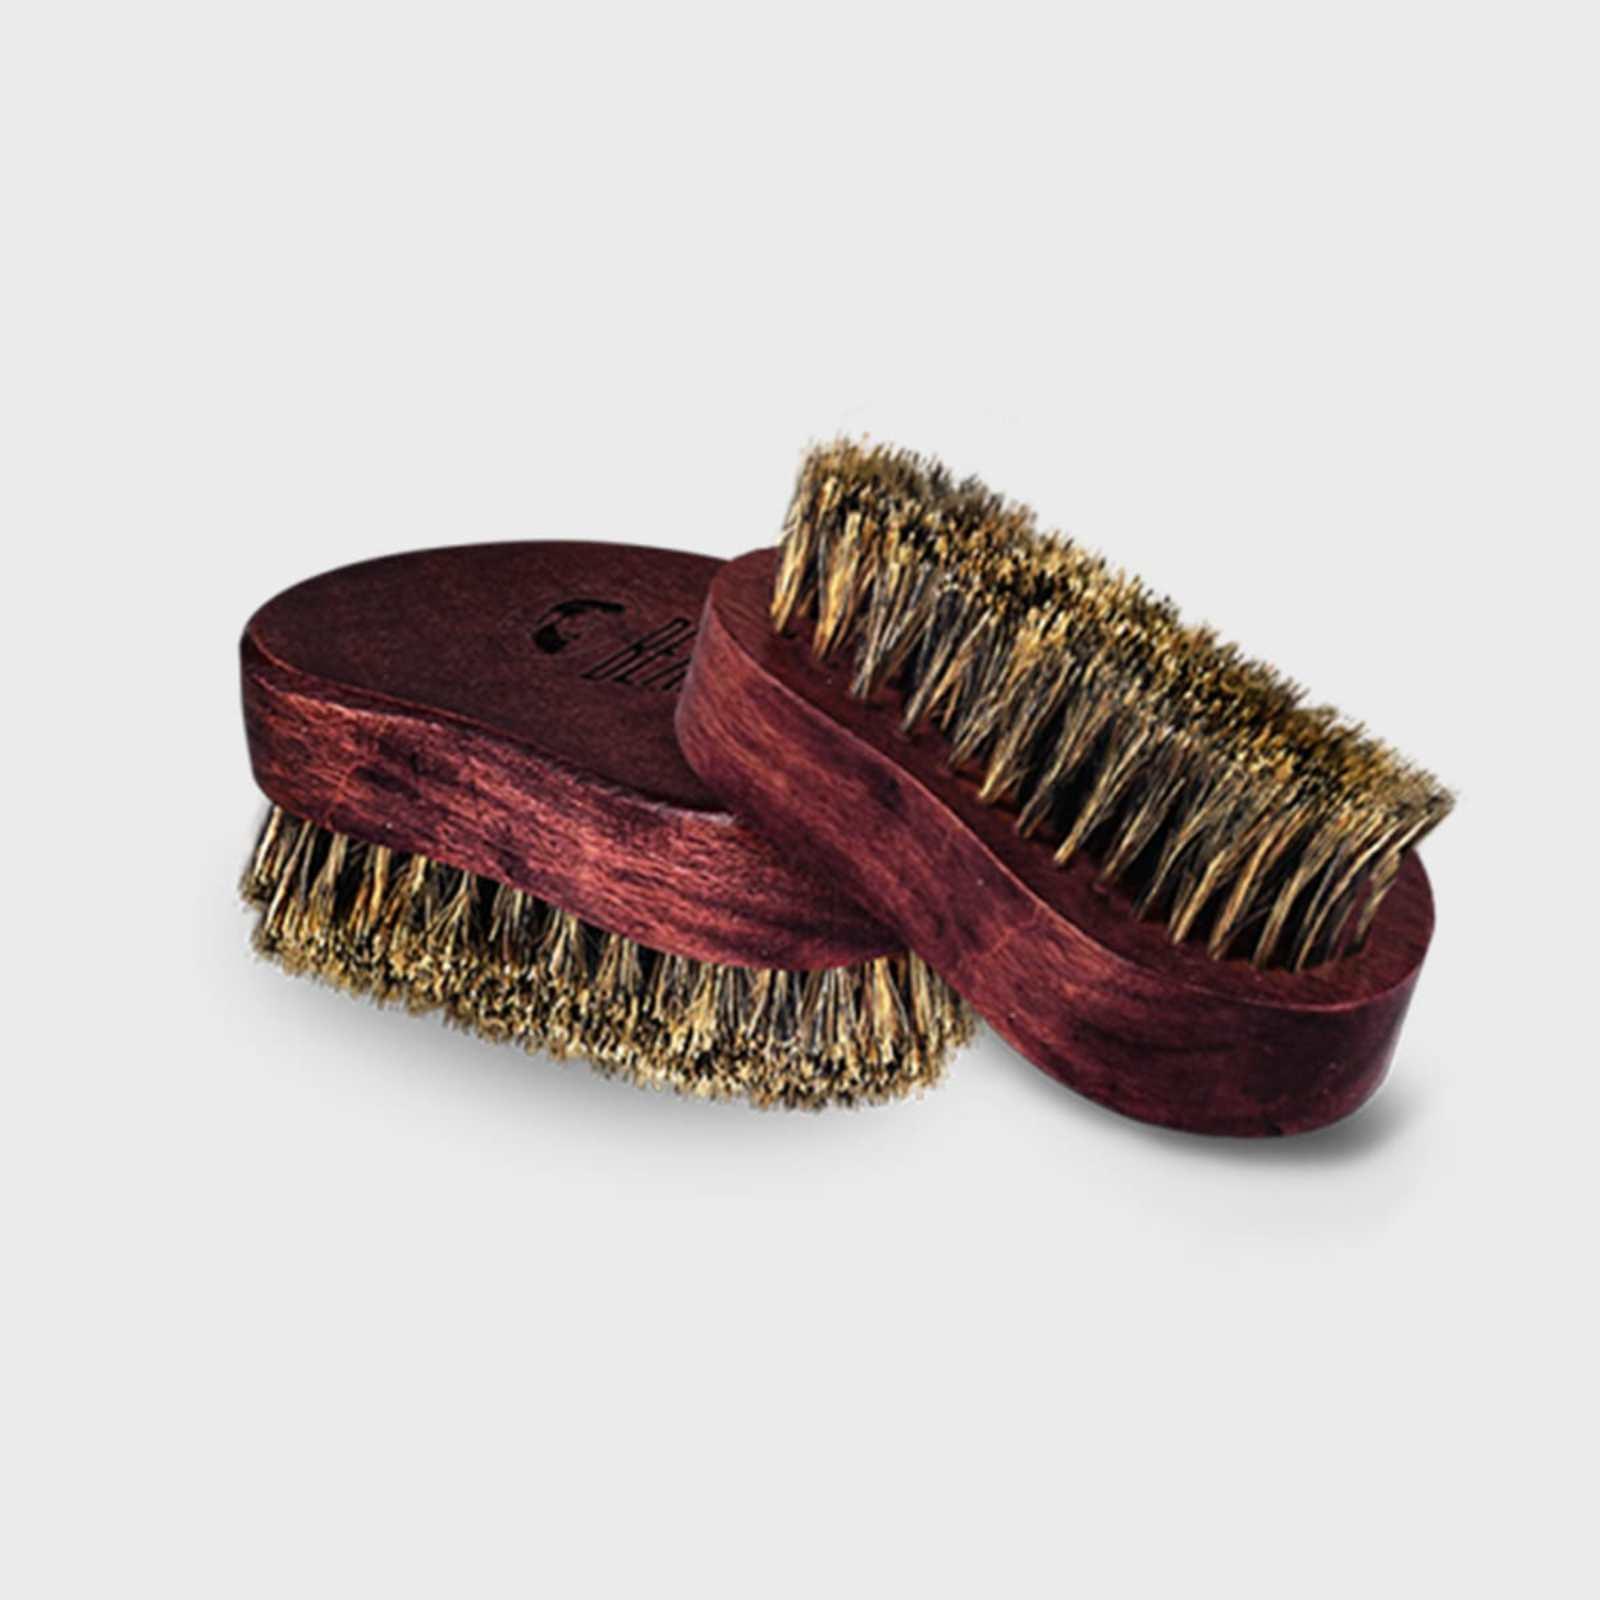 Beardo BOAR Bristle Beard brush